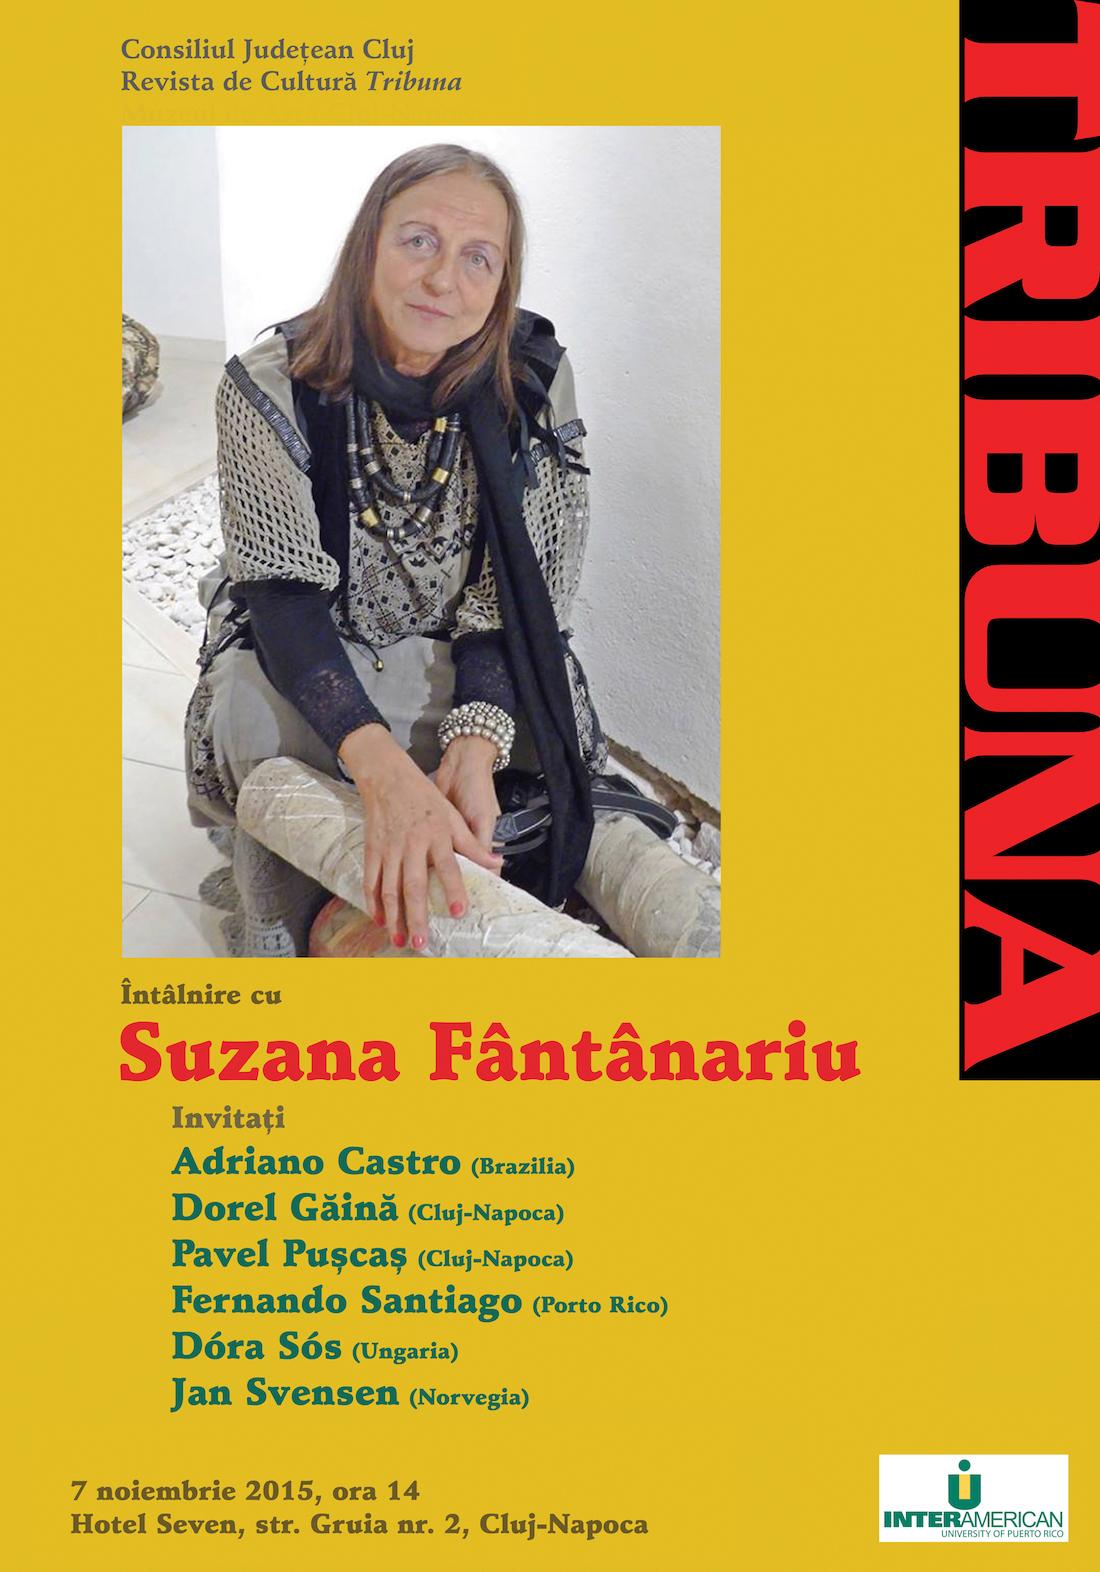 Întâlnire cu Suzana Fantanariu